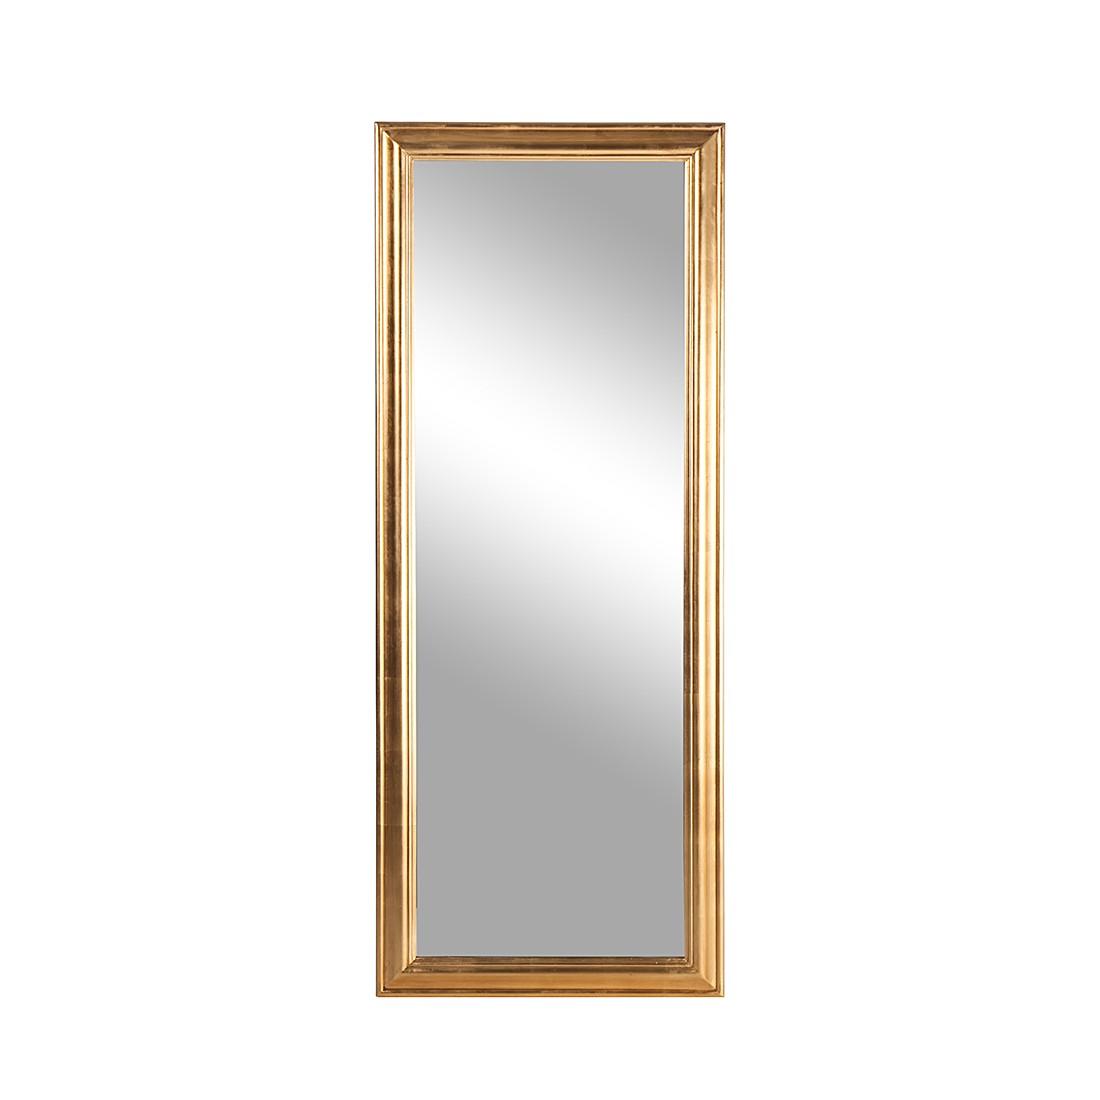 Spiegel wandspiegel gold preisvergleiche for Spiegel suche